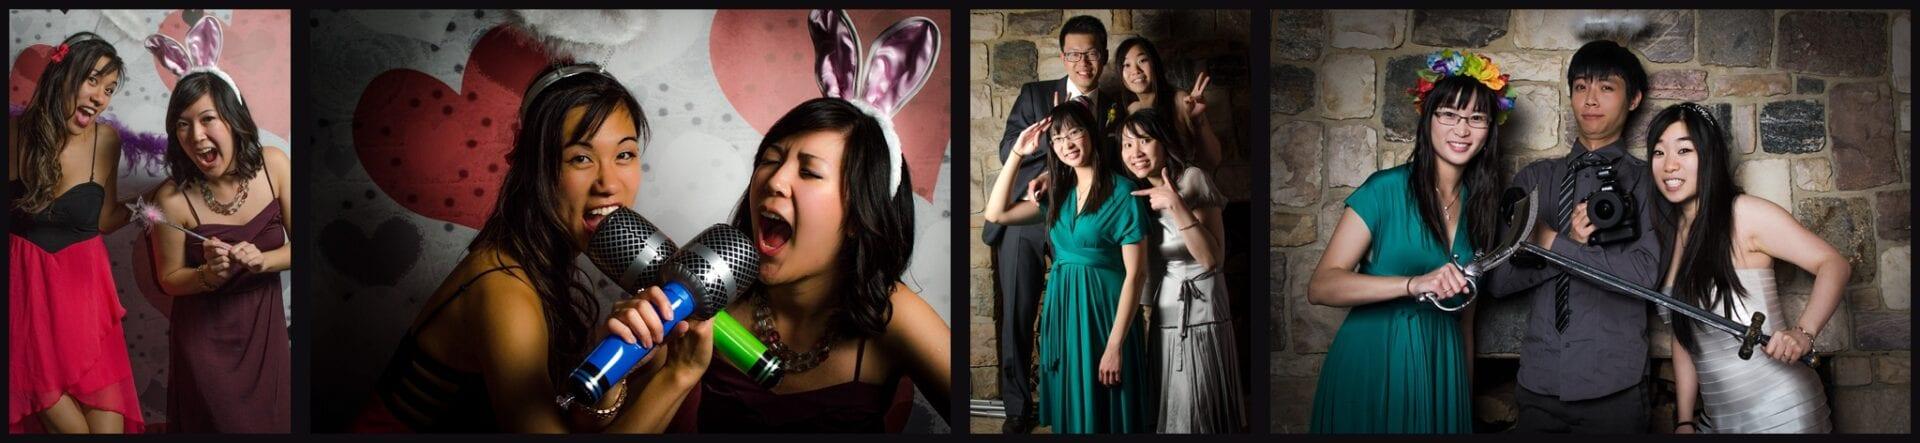 Edmonton-Wedding-photo-booth-Photography-131